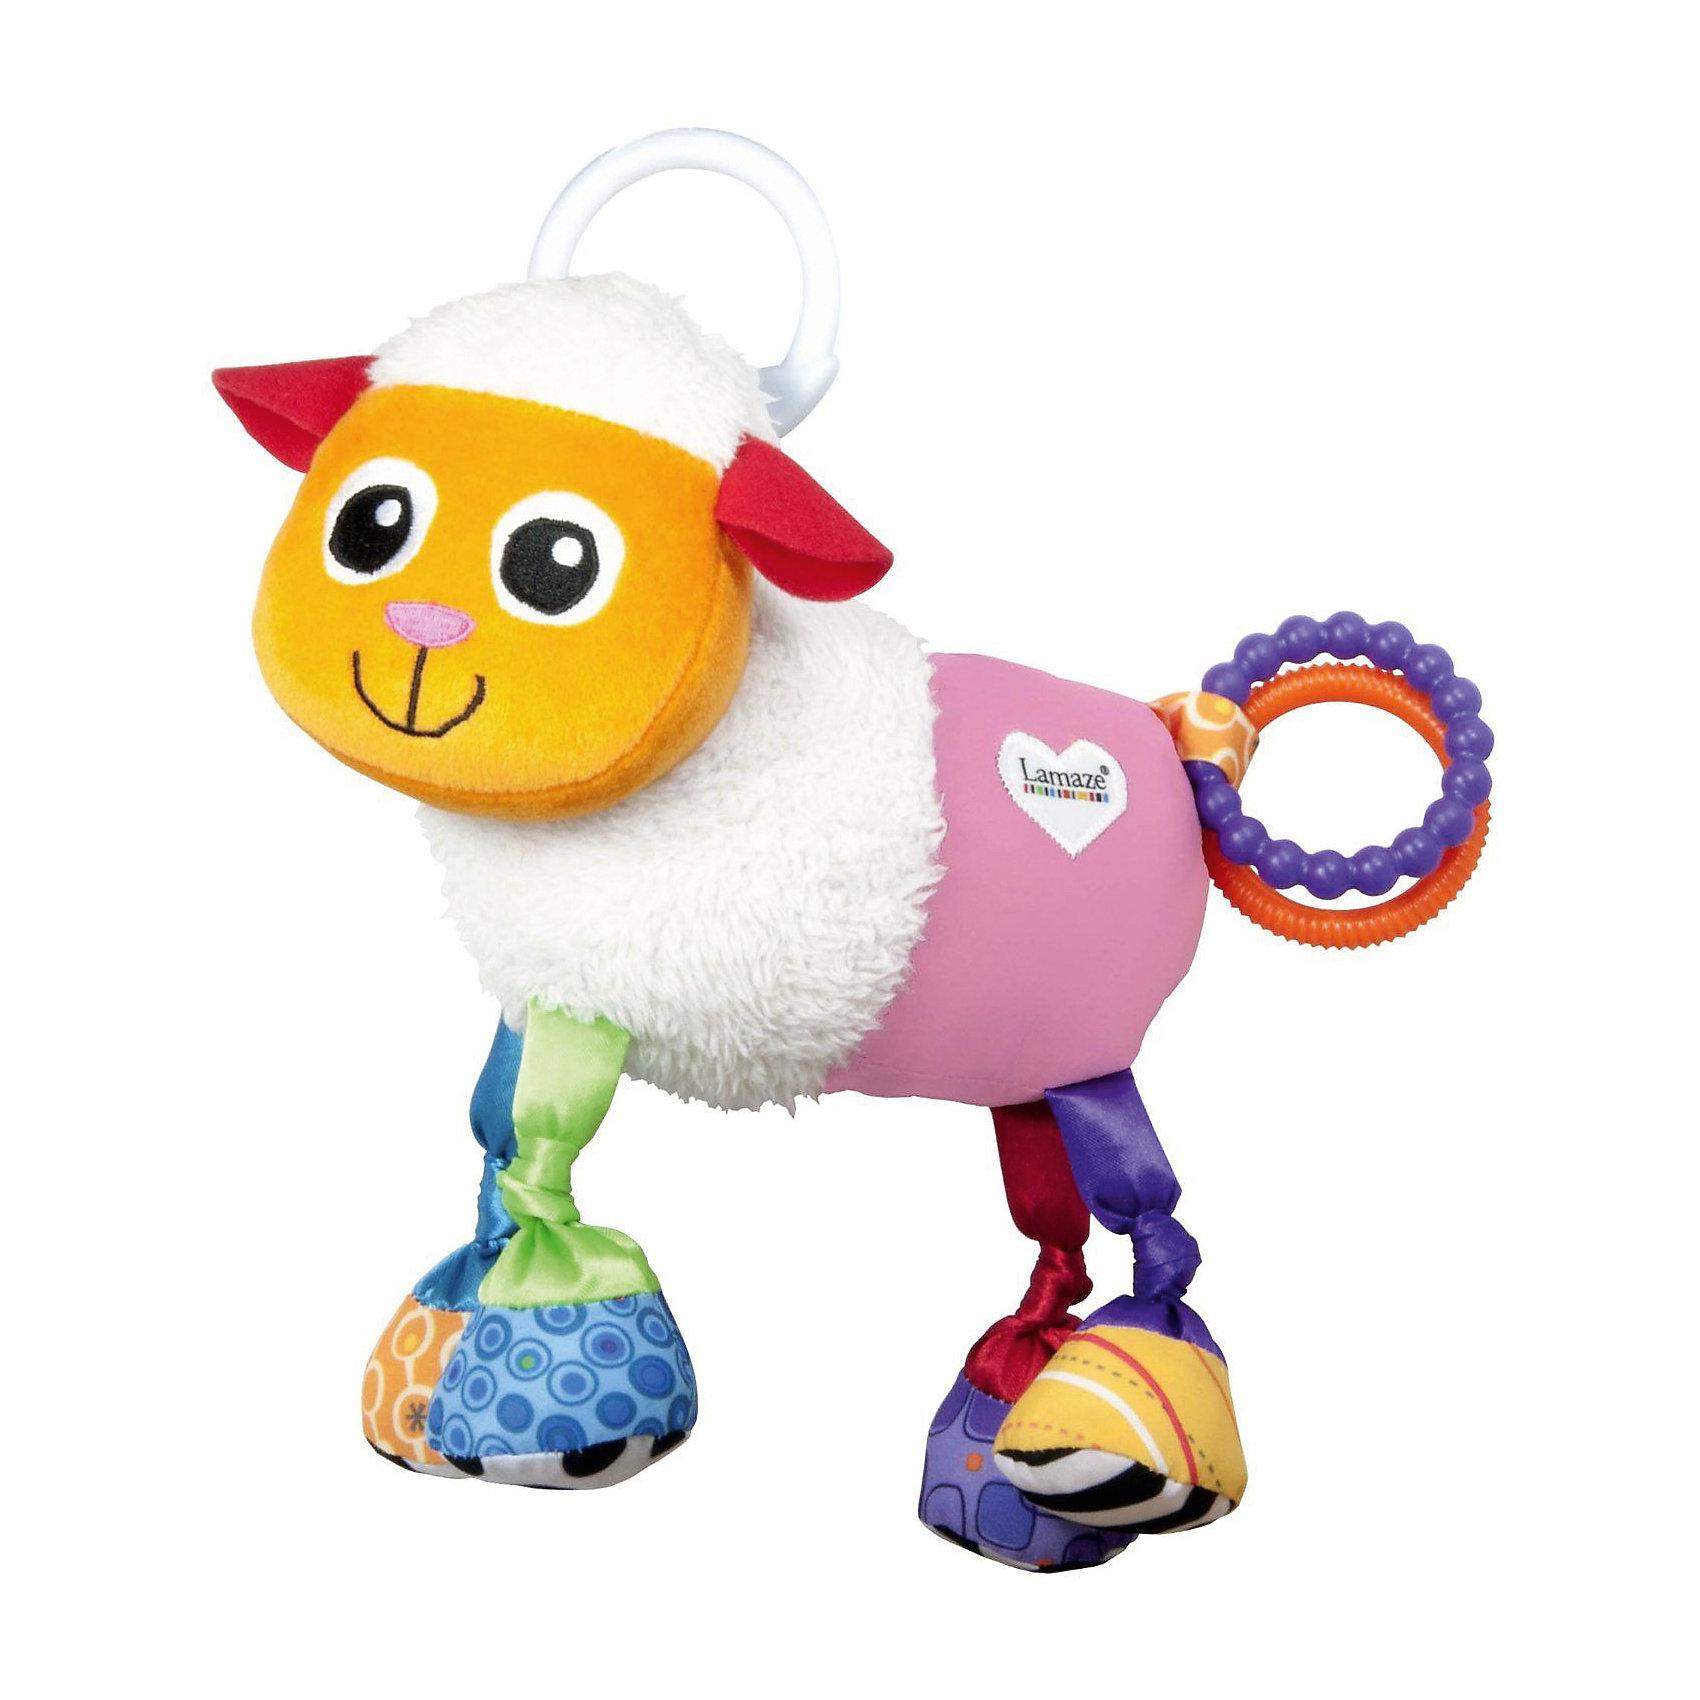 Мягкая погремушка-шуршалка Овечка Шереми с подвеской, Tomy LamazeСимпатичная игрушка Овечка Шереми обязательно понравится ребенку. Игрушка сделана из мягких материалов разной фактуры, что развивает тактильное восприятие ребенка. Она дополнена погремушками и шуршащими элементами, игрушку можно повесить в коляску с помощью специального крепления.<br>Эта игрушка обязательно займет ребенка! Игра с ней помогает детям развивать мелкую моторику, внимательность и познавать мир. Обучающая игрушка сделана из качественных и безопасных для ребенка материалов.<br><br>Дополнительная информация:<br><br>цвет: разноцветный;<br>размер: 18 х 13 х 4 см;<br>материал: текстиль.<br><br>Мягкую погремушку-шуршалку Овечка Шереми с подвеской, Tomy Lamaze можно купить в нашем магазине.<br><br>Ширина мм: 170<br>Глубина мм: 200<br>Высота мм: 80<br>Вес г: 307<br>Возраст от месяцев: -2147483648<br>Возраст до месяцев: 2147483647<br>Пол: Унисекс<br>Возраст: Детский<br>SKU: 4918491